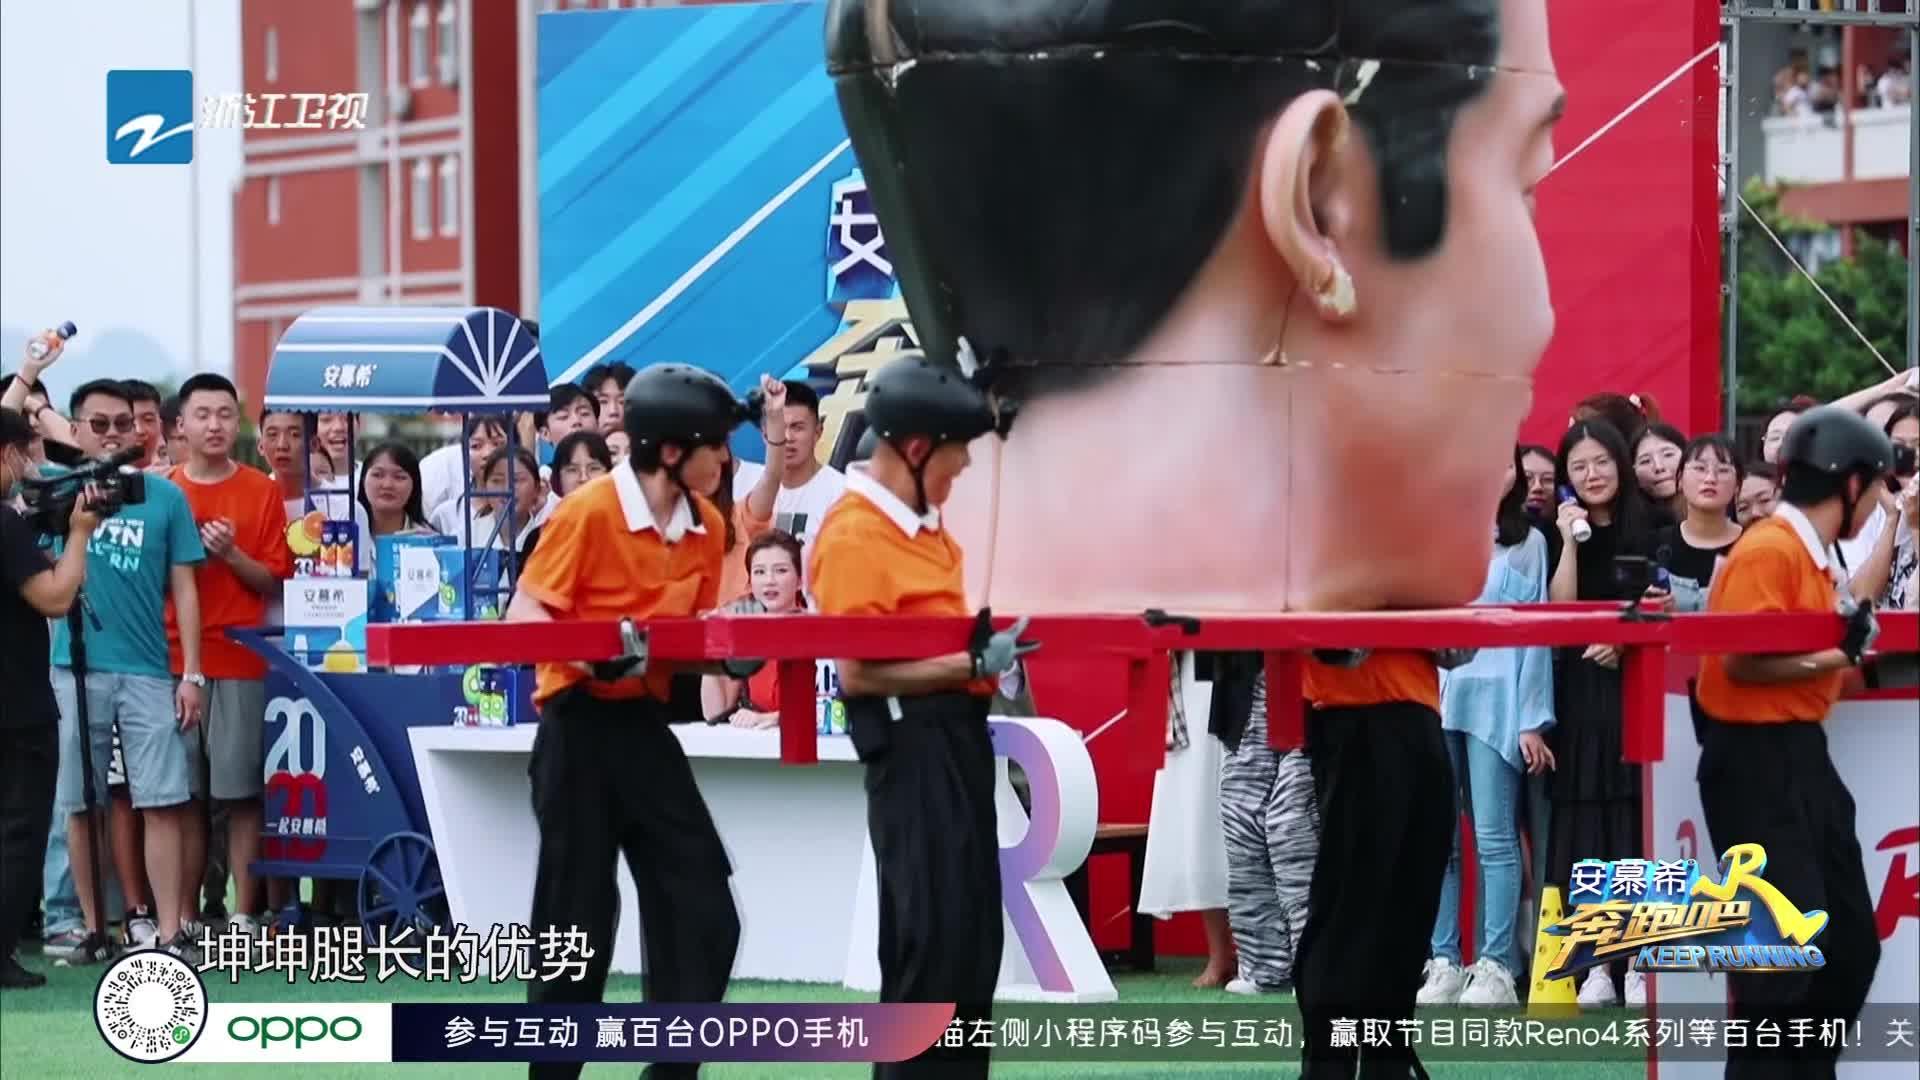 《奔跑吧4》蔡徐坤怒秀大长腿 沙溢头像一脚还原